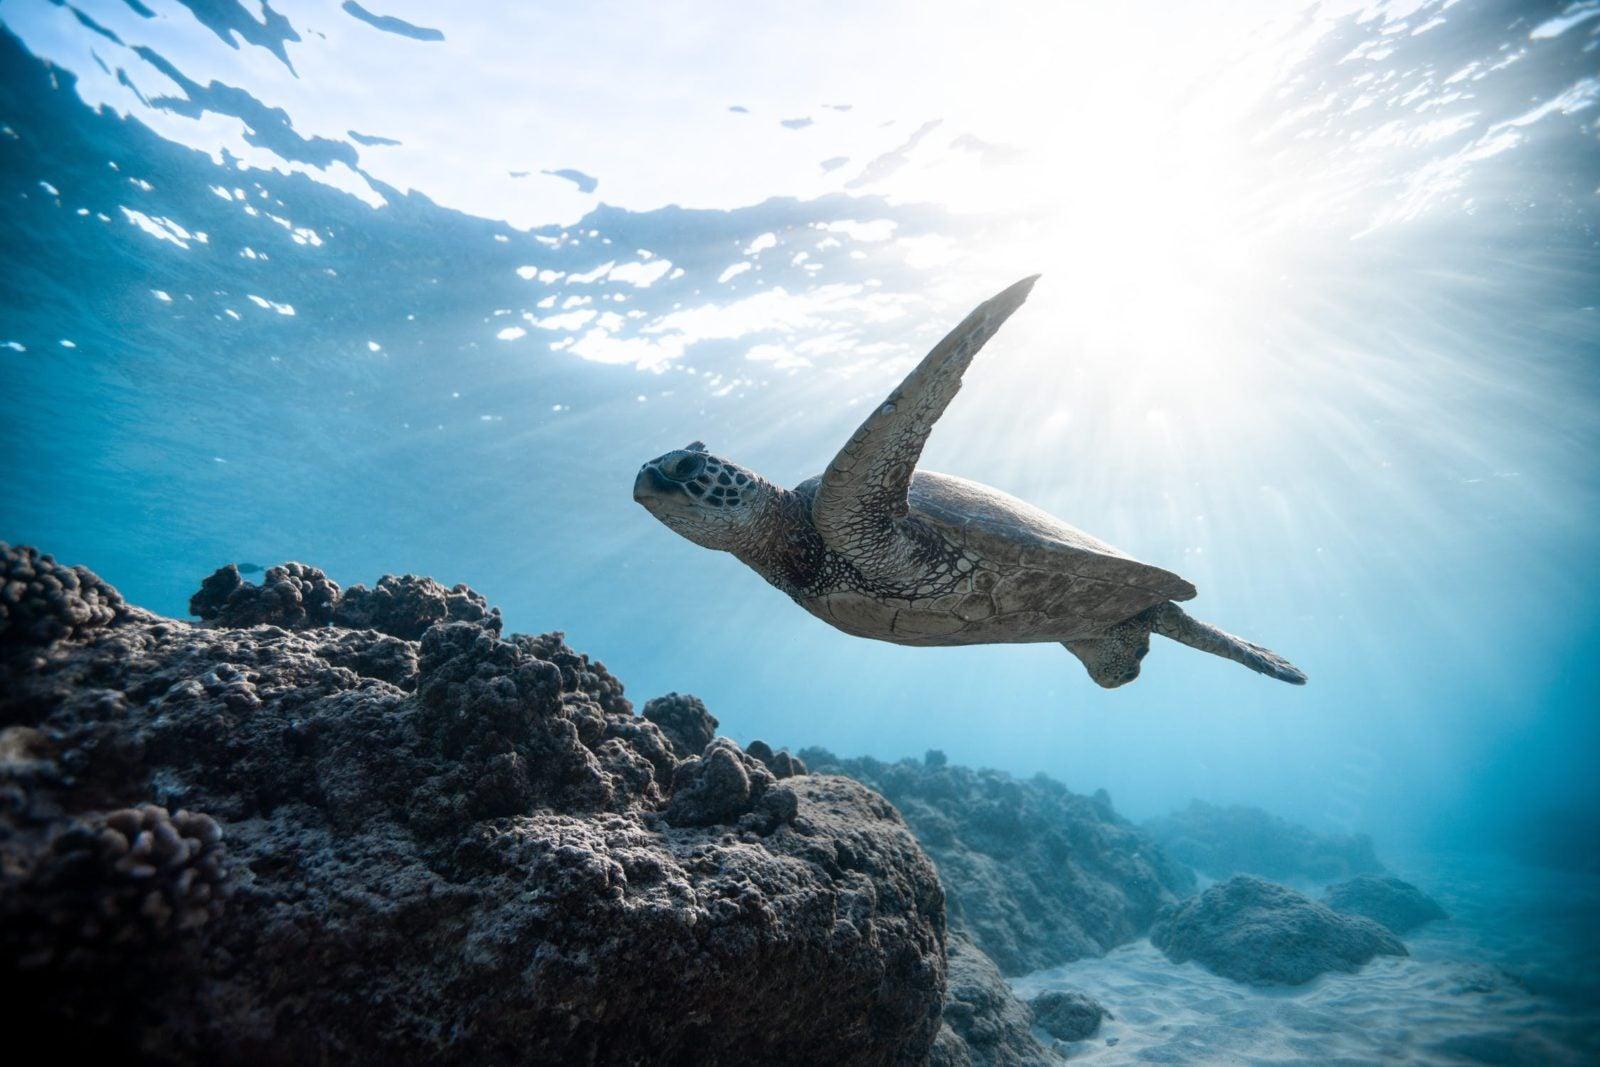 Las soluciones basadas en la naturaleza pueden ayudar a frenar la crisis climática